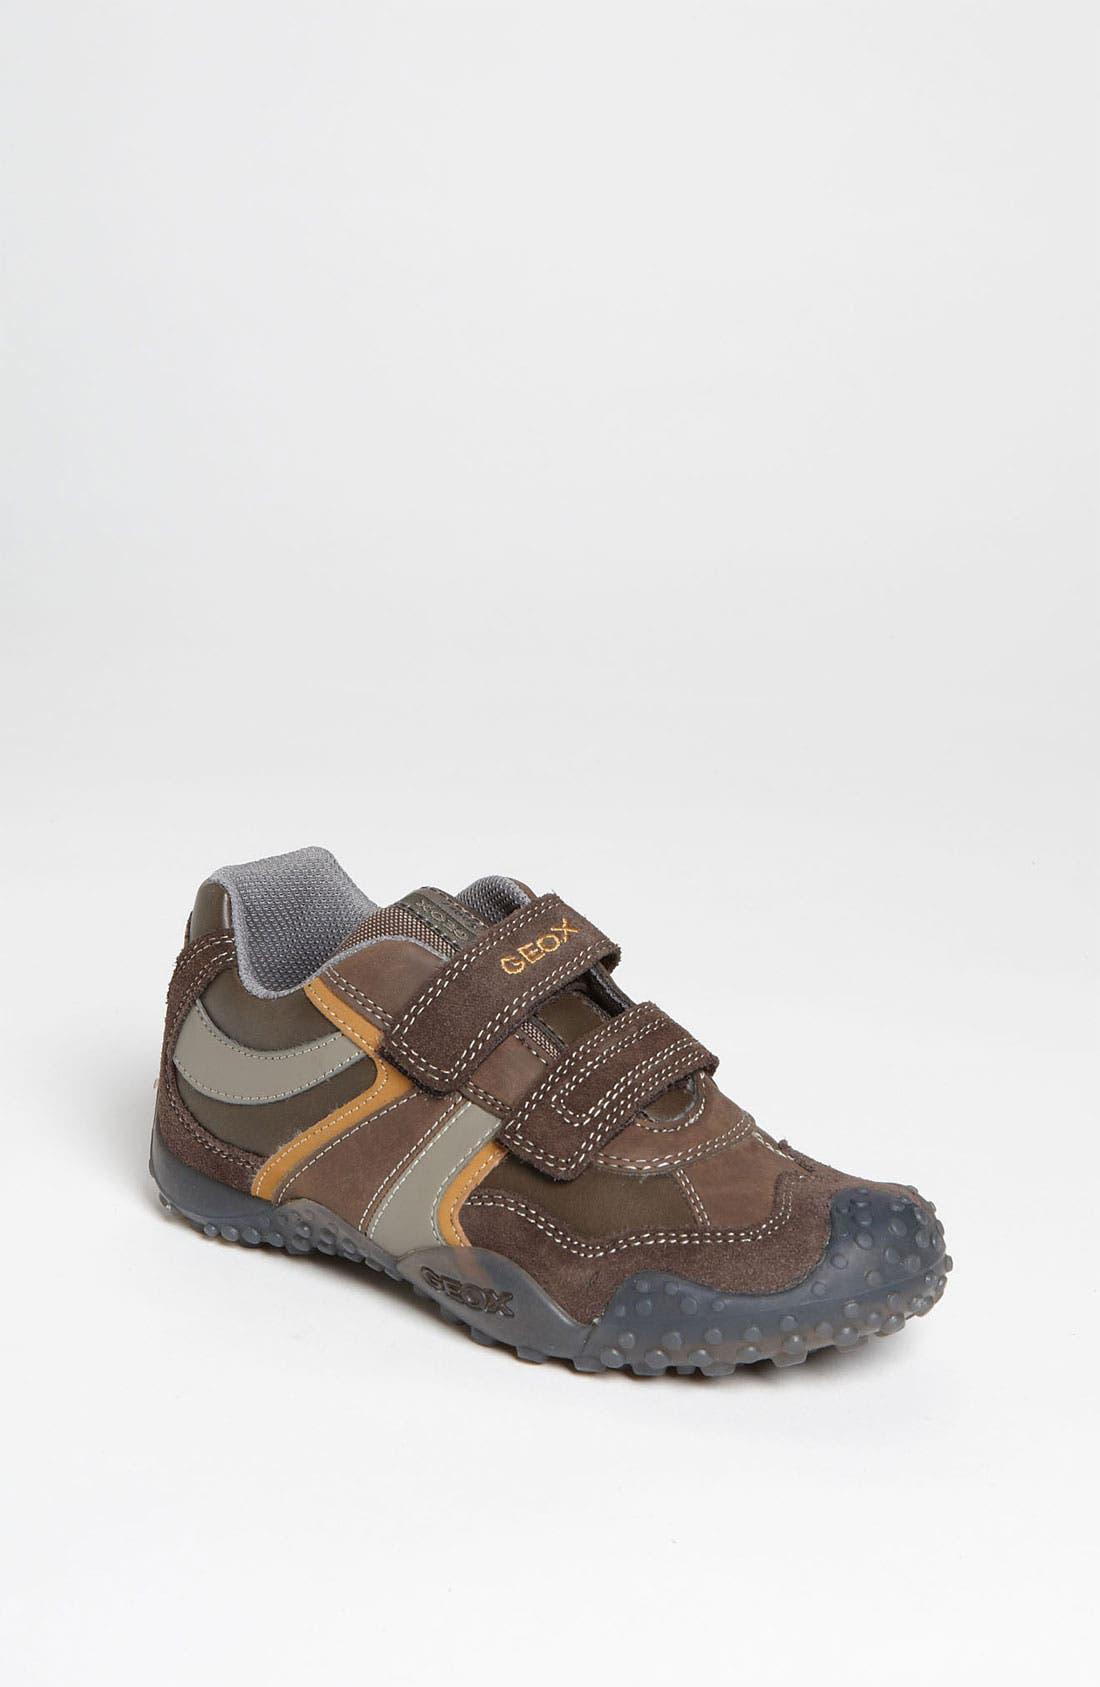 Alternate Image 1 Selected - Geox 'Giant' Sneaker (Toddler, Little Kid & Big Kid)